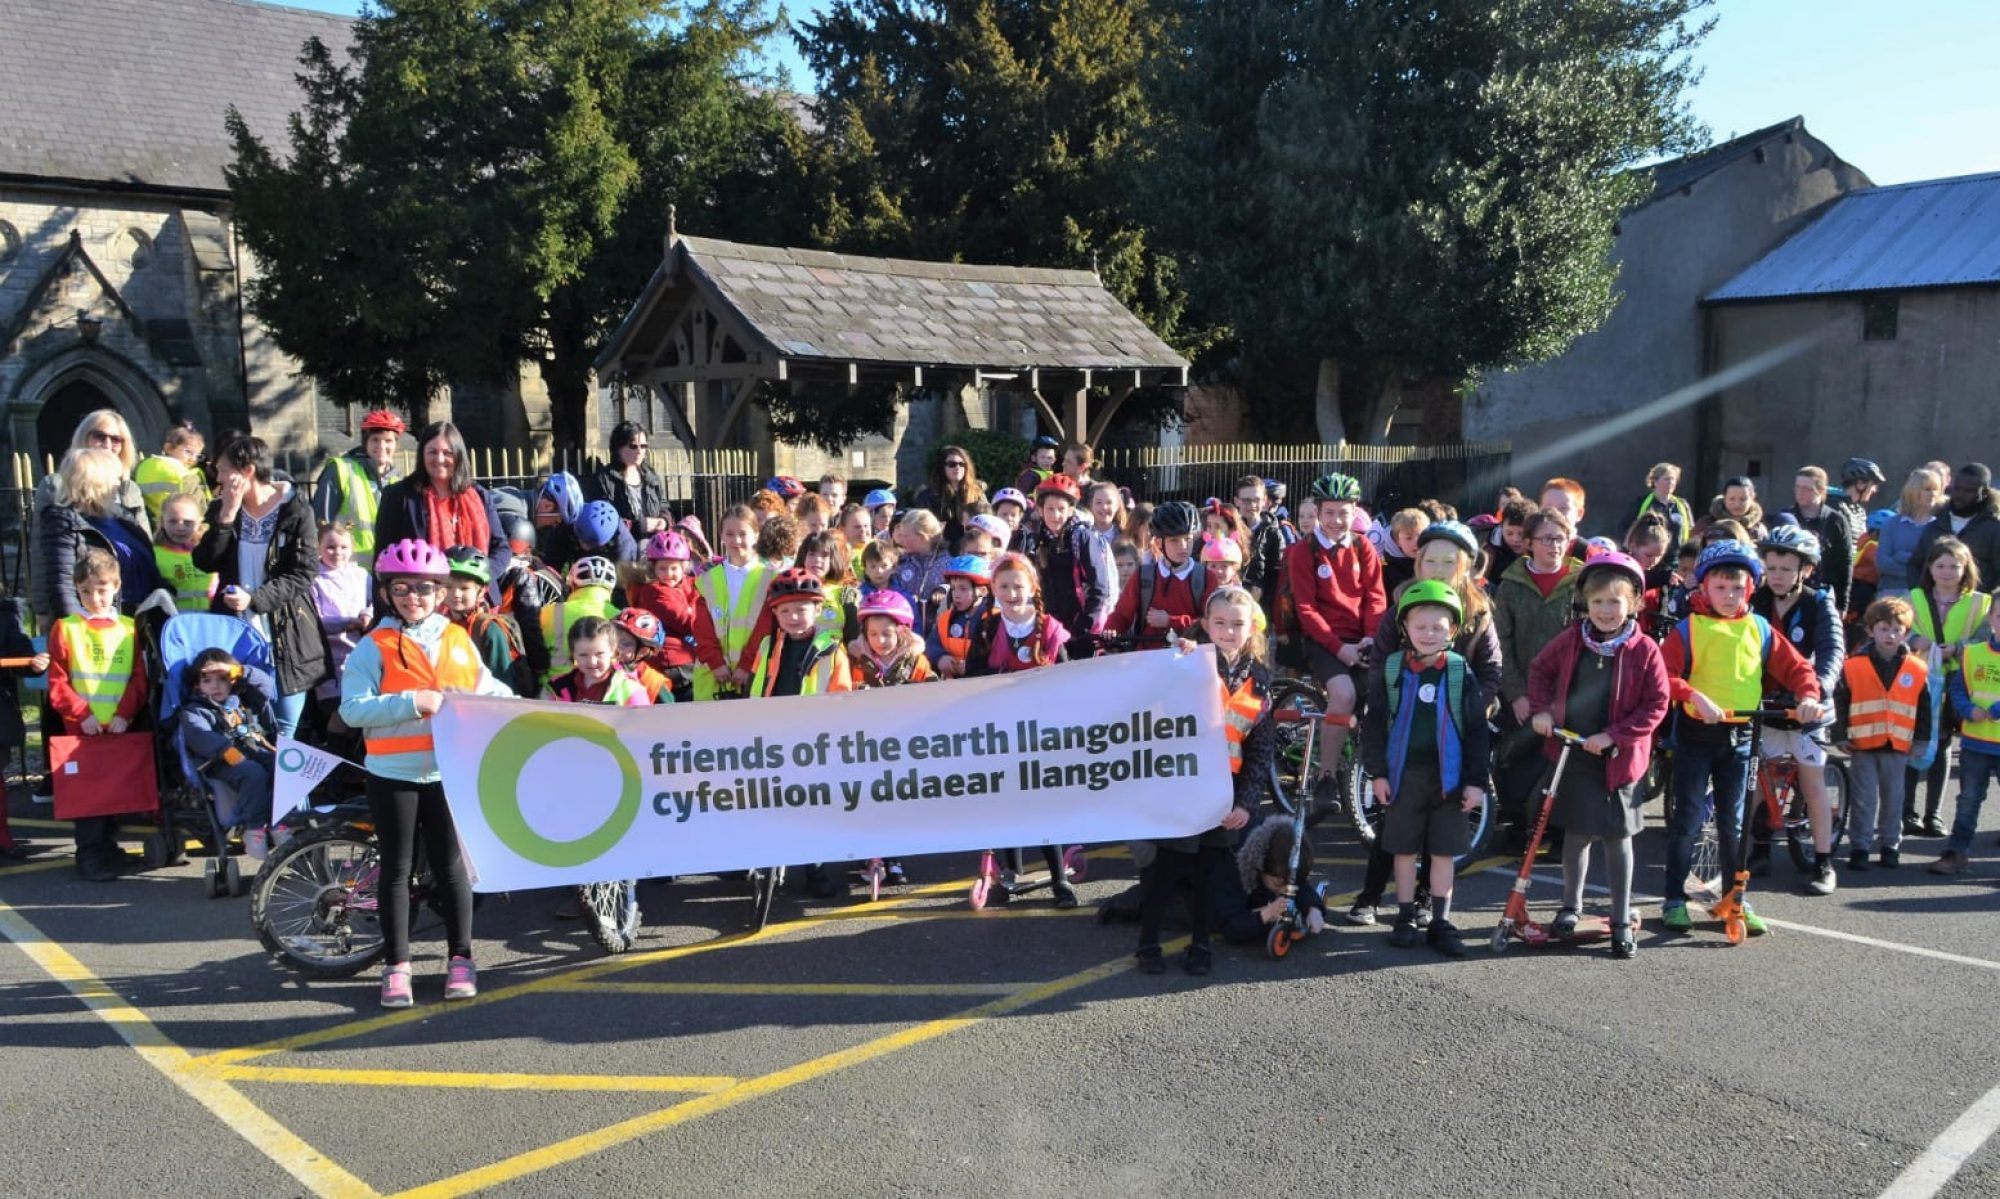 Llangollen & District Friends of the Earth | Cyfeillion y Ddaear Llangollen a'r Rhanbarth